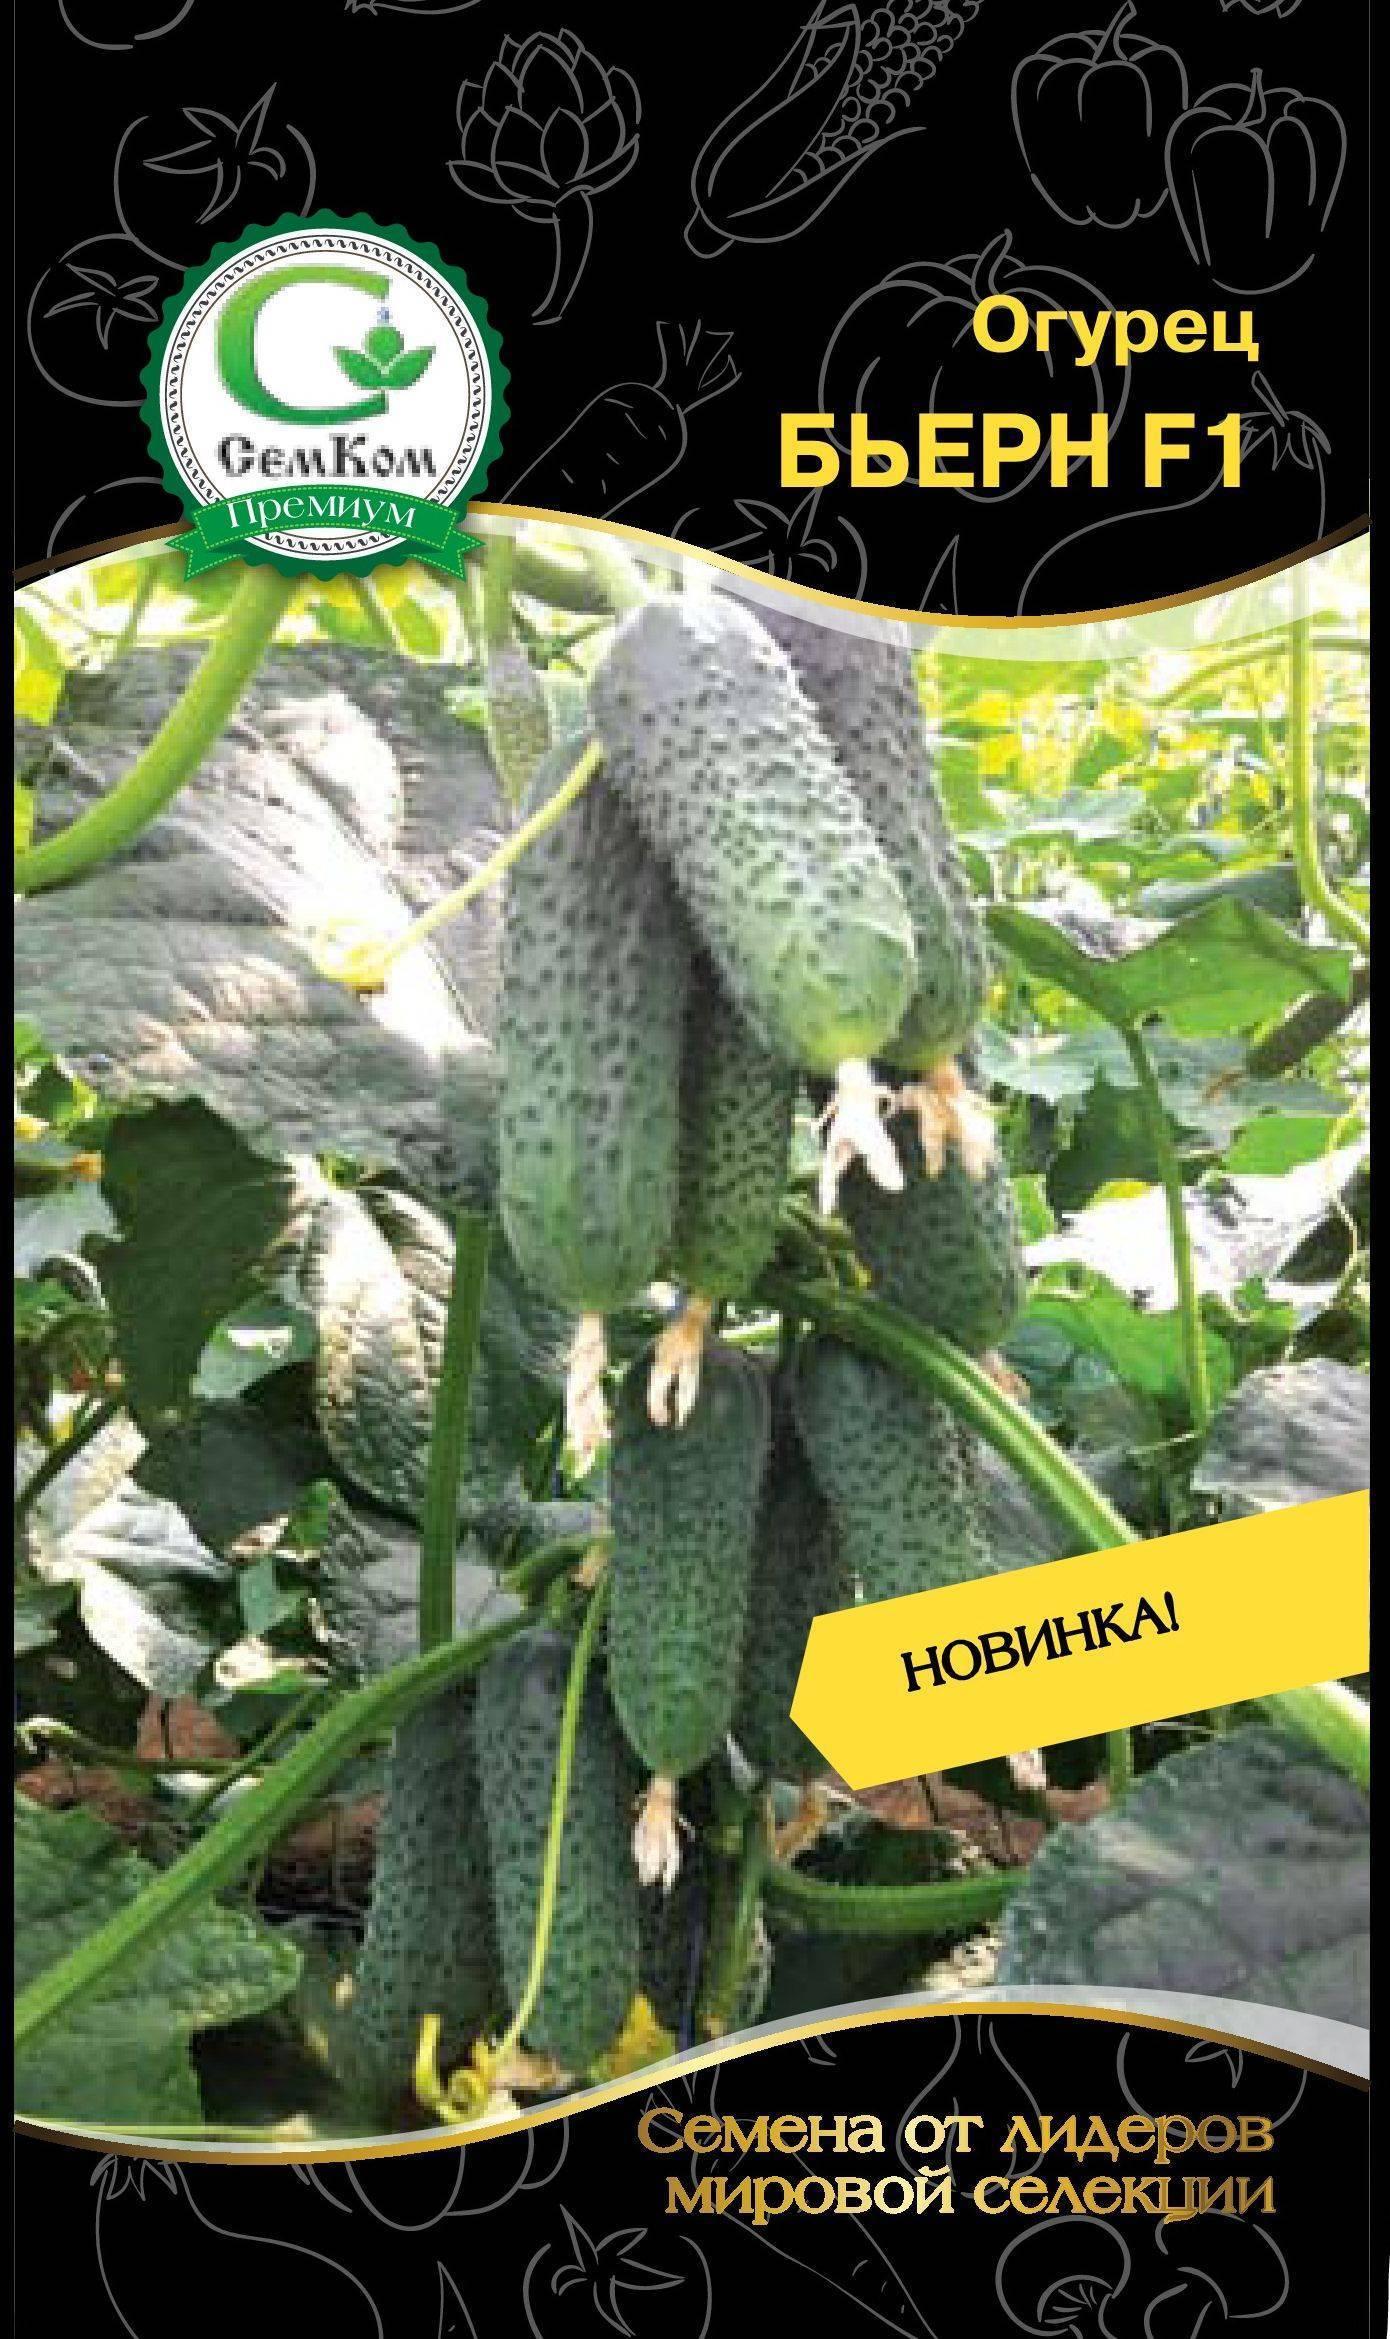 Голландский гибрид огурцов «бьерн f1»: фото, видео, описание, посадка, характеристика, урожайность, отзывы